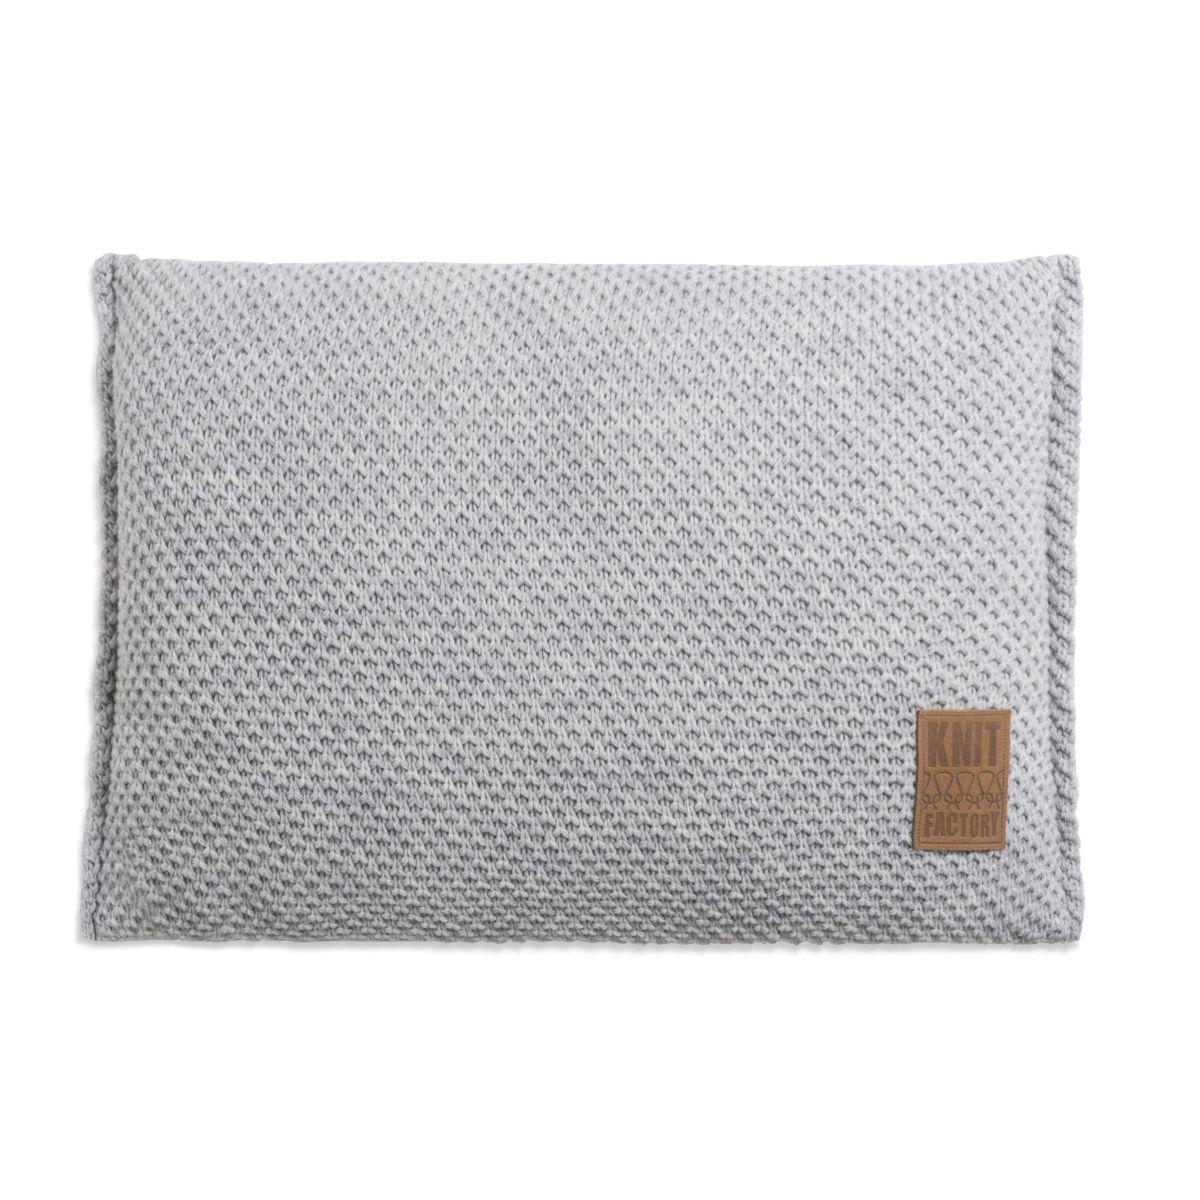 lynn cushion light grey 60x40